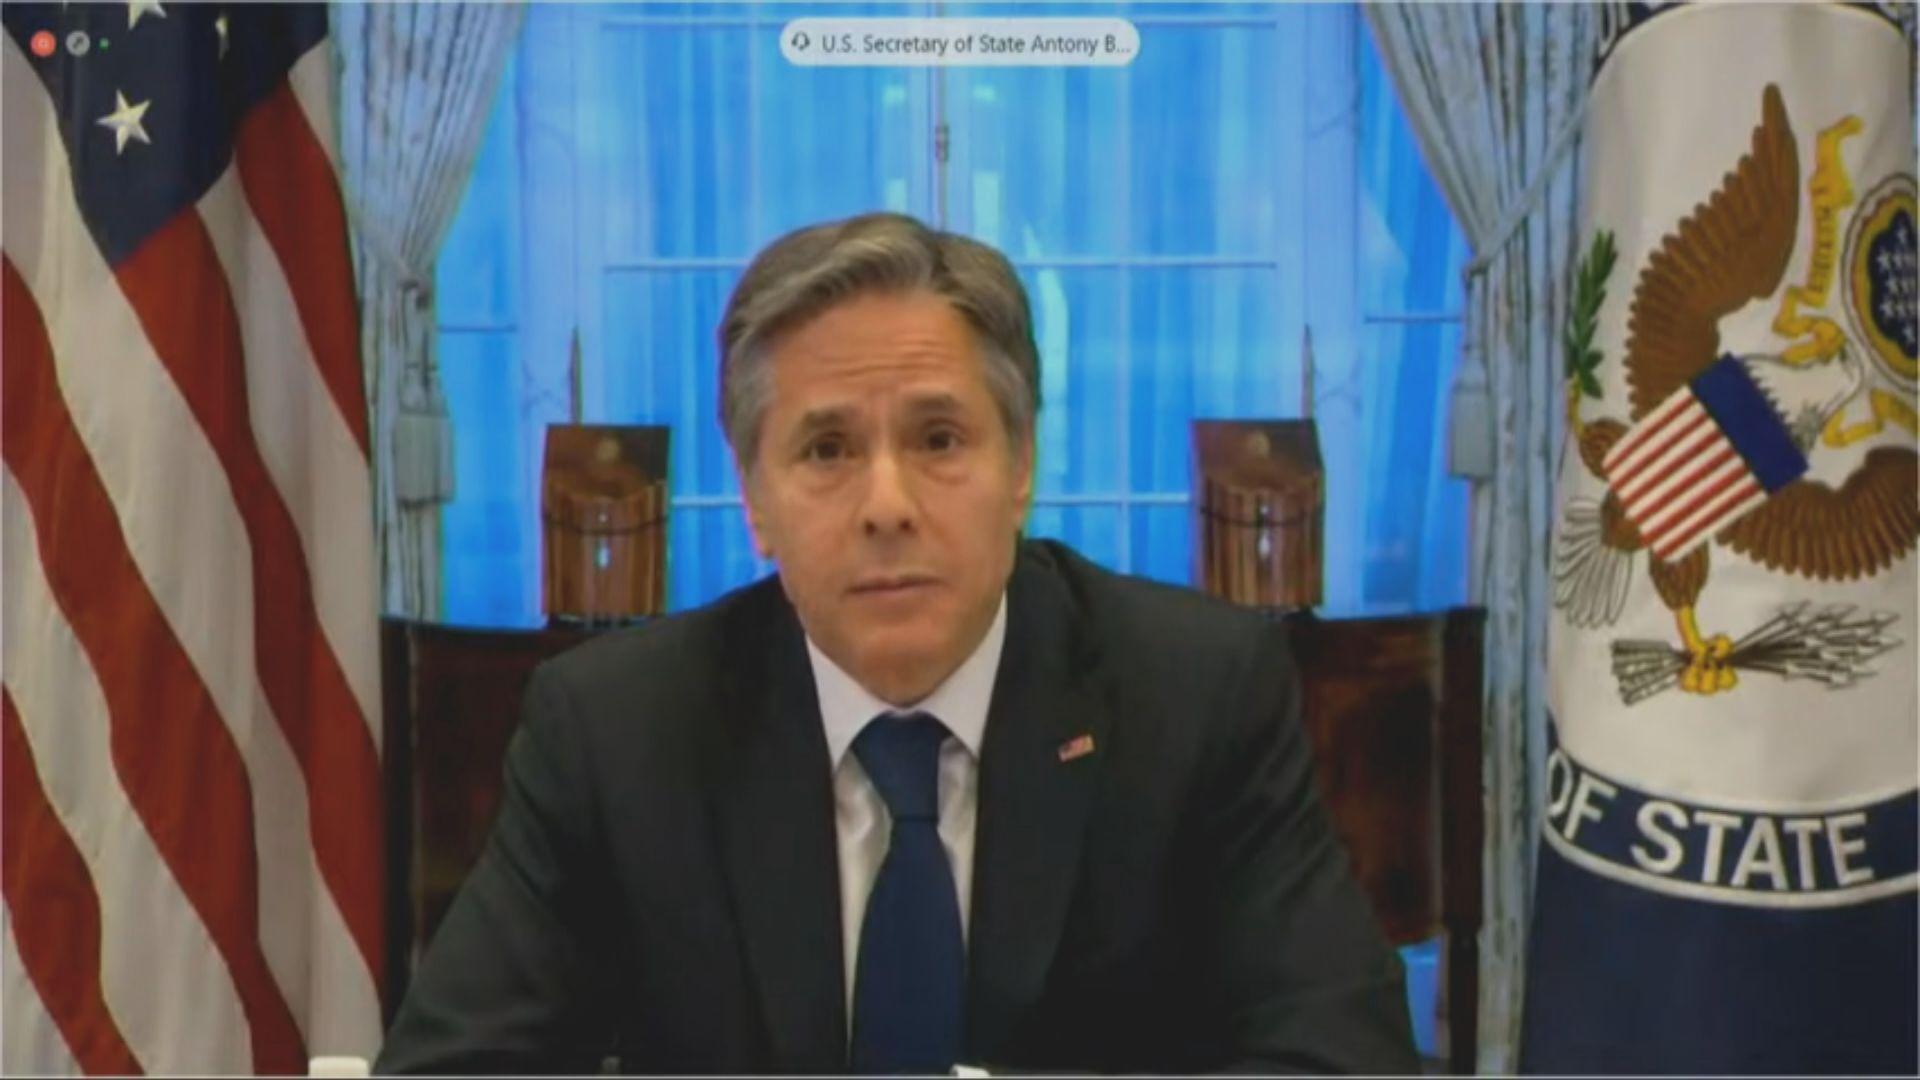 中國駐美使館:美國應停止與台灣一切形式官方往來